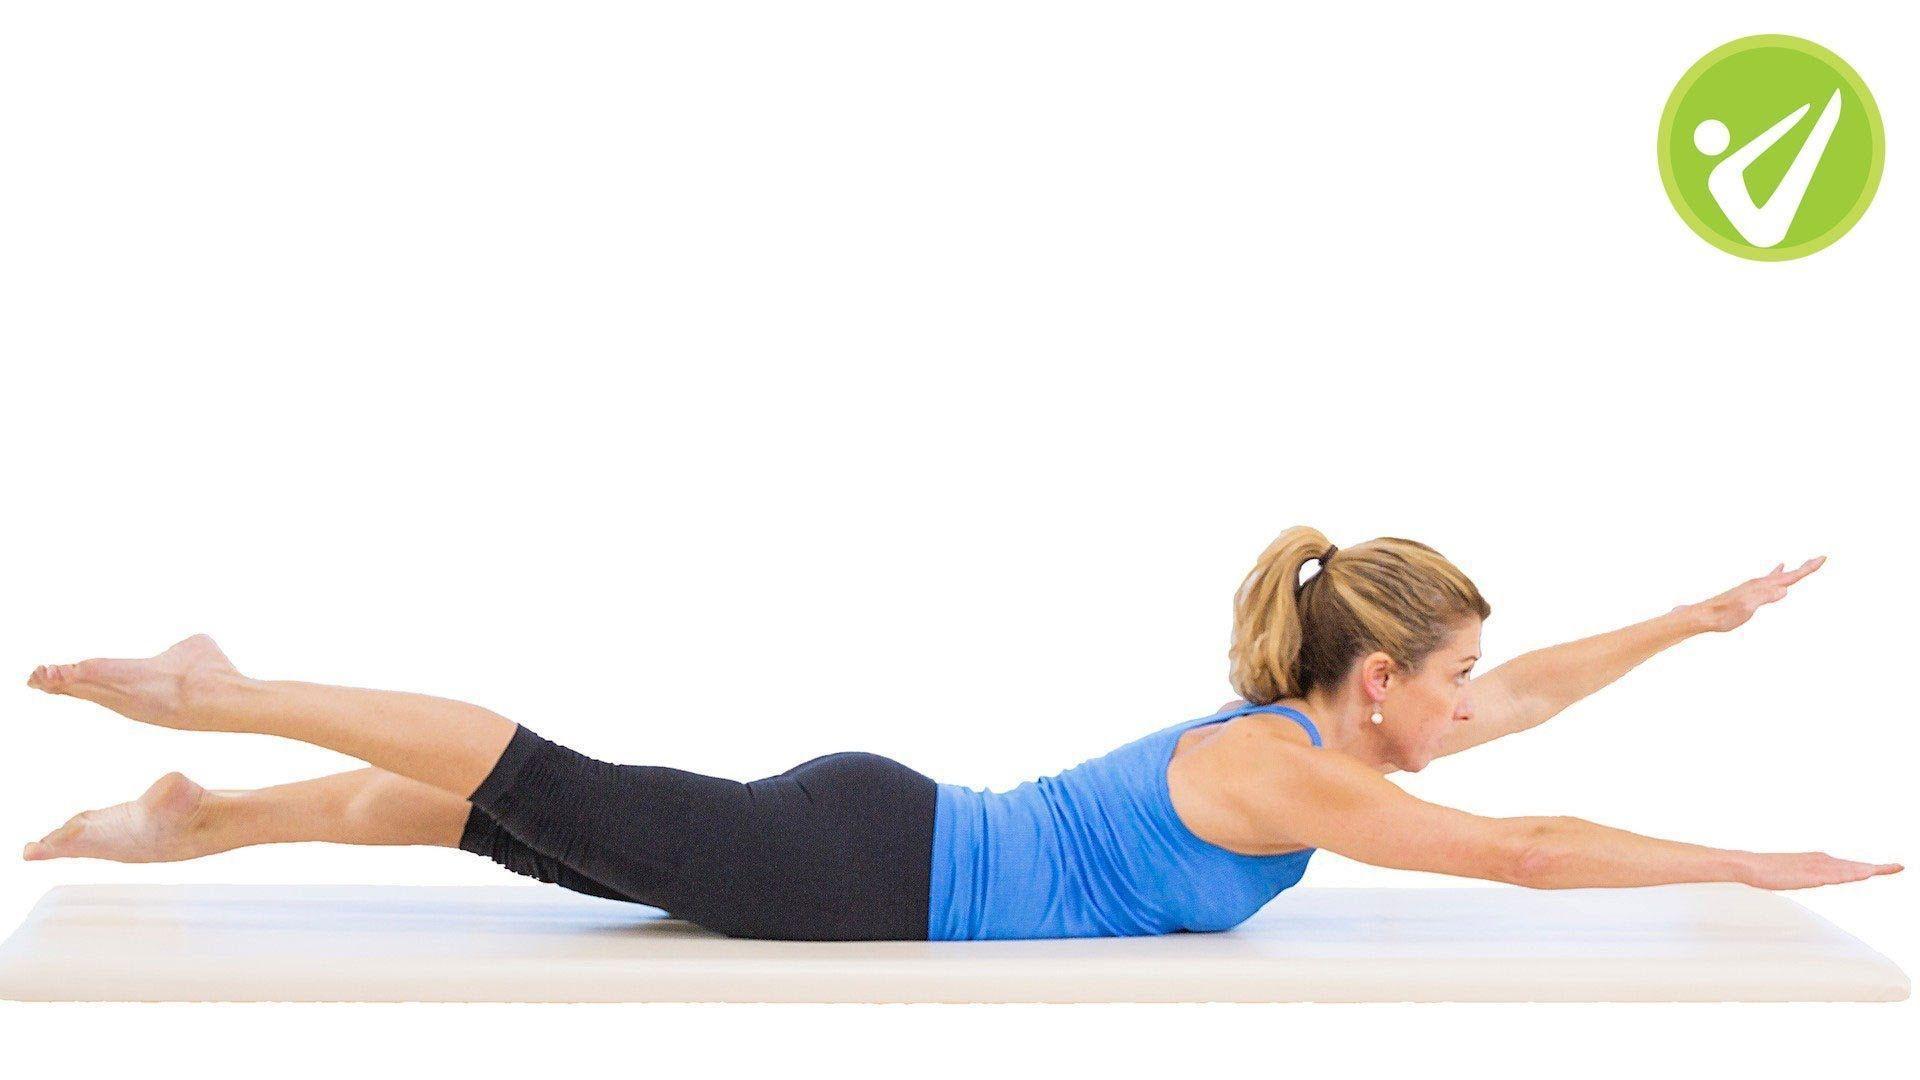 Mudah Dilakukan, Ini 8 Olahraga untuk Meninggikan Badan